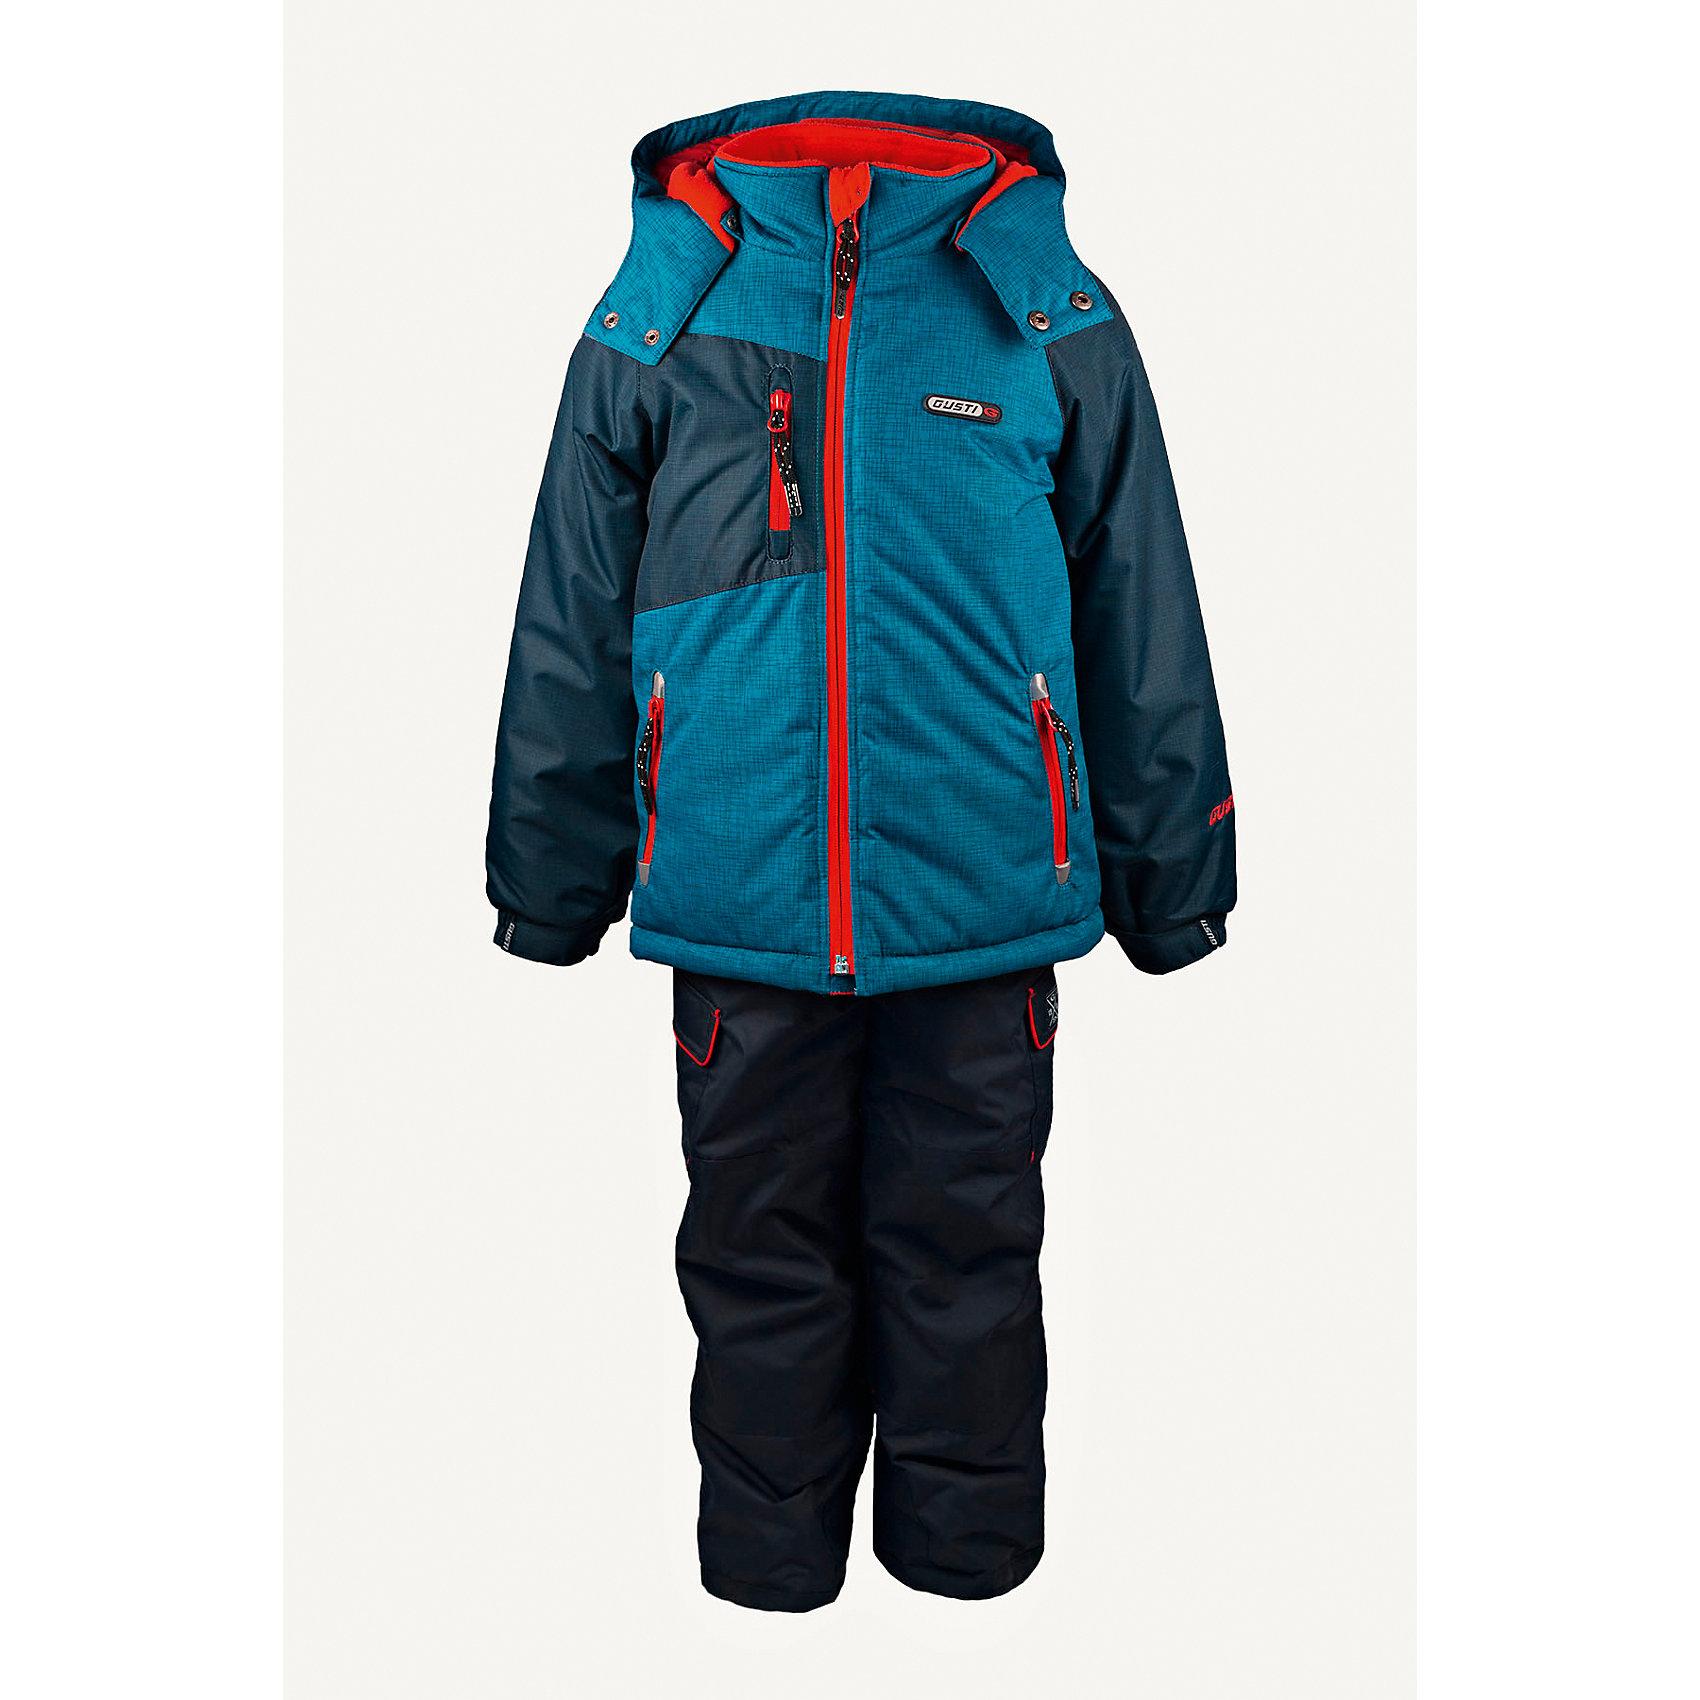 Комплект: куртка и полукомбинезон GUSTIВерхняя одежда<br>Комплект: куртка и полукомбинезон GUSTI (ГУСТИ) – это идеальный вариант для суровой зимы с сильными морозами.<br><br>Температурный режим: до -30  градусов. Степень утепления – высокая. <br><br>* Температурный режим указан приблизительно — необходимо, прежде всего, ориентироваться на ощущения ребенка. Температурный режим работает в случае соблюдения правила многослойности – использования флисовой поддевы и термобелья.<br><br>Комплект от GUSTI (ГУСТИ) состоит из куртки и полукомбинезона прямого кроя, выполненных из плотного непромокаемого материала с защитной от влаги мембраной 5000 мм. Тань хорошо сохраняет тепло, отталкивает влагу и позволяет коже ребенка дышать. Утеплитель из тек-полифилла и флисовая внутренняя отделка на груди и на спинке дают возможность использовать комплект при очень низких температурах. Куртка застегивается на молнию, имеет три внутренних кармана на застежках-молниях, снегозащитную юбку, трикотажные манжеты в рукавах, отстёгивающийся прилегающий капюшон с флисовой подкладкой. Низ рукавов регулируется с помощью липучек. Полукомбинезон застегивается на молнию, имеет два накладных кармана с клапанами на липучках, регулируемые лямки, снегозащитные гетры. Длина брючин регулируется (отворот с креплением на липе). Сзади, на коленях, и по низу брючин имеется дополнительный слой ткани Cordura Oxford (сверхстойкий полиэстер). До размера 6х (120 см.) у полукомбинезона высокая грудка, в размерах 7 (122 см.) - 14 (164см) отстегивающаяся спинка, грудки нет. Модель подходит для прогулок на морозе до -30 градусов.<br><br>Дополнительная информация:<br><br>- Сезон: зима<br>- Пол: мальчик<br>- Цвет: голубой, синий<br>- Узор: однотонный<br>- Температурный режим до -30 градусов<br>- Материал верха: куртка - shuss 5000мм (100% полиэстер); брюки - taslan 5000мм, накладки Cordura Oxford сзади, на коленях, и по низу брючин<br>- Наполнитель: куртка - тек-полифилл плотностью 283 гр/м (10 унций) 100% полиэстер; брю